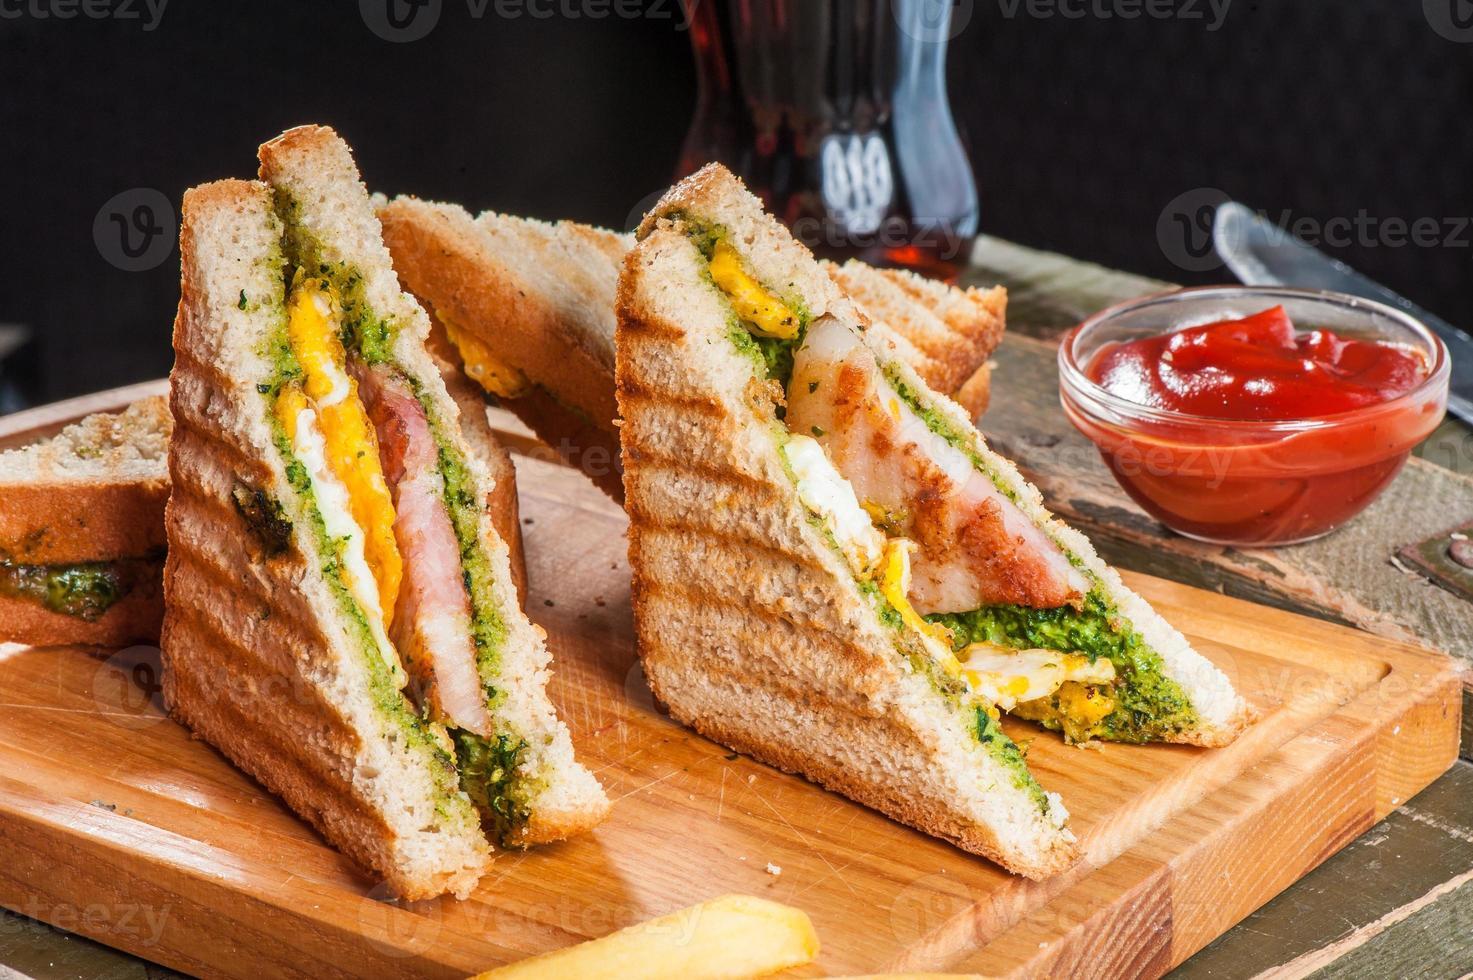 Gegrillte Sandwiches mit Hühnchen und Ei foto